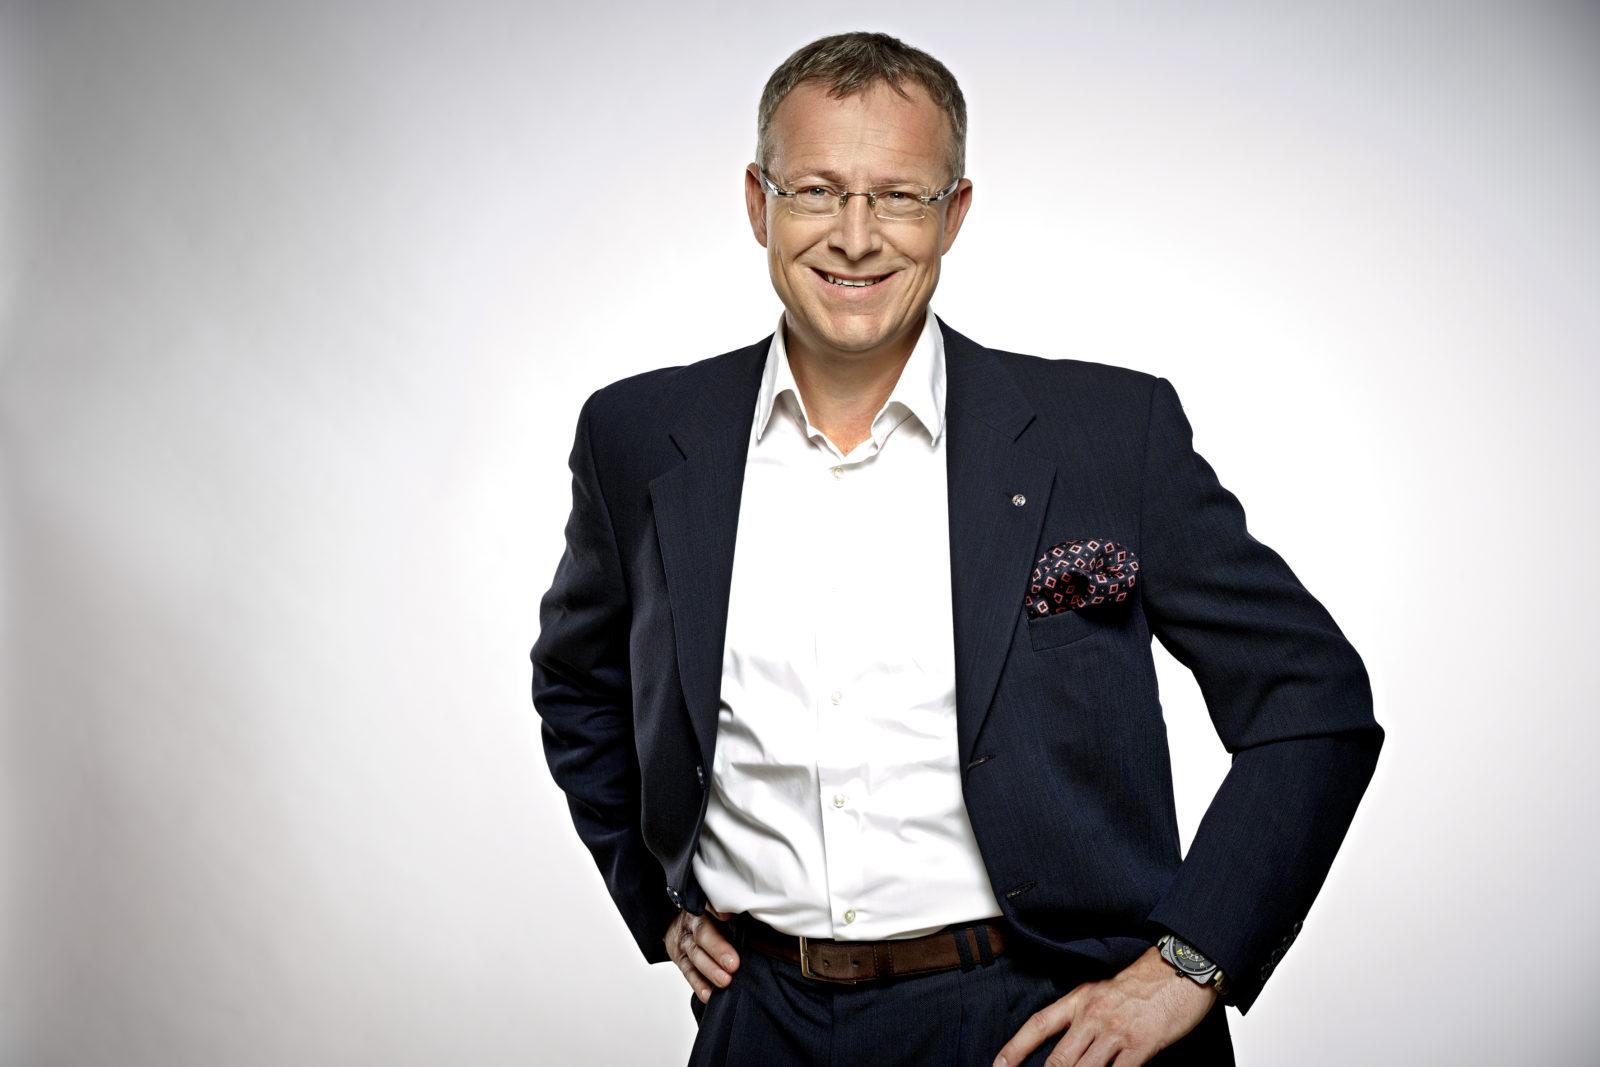 Lambert Gneisz